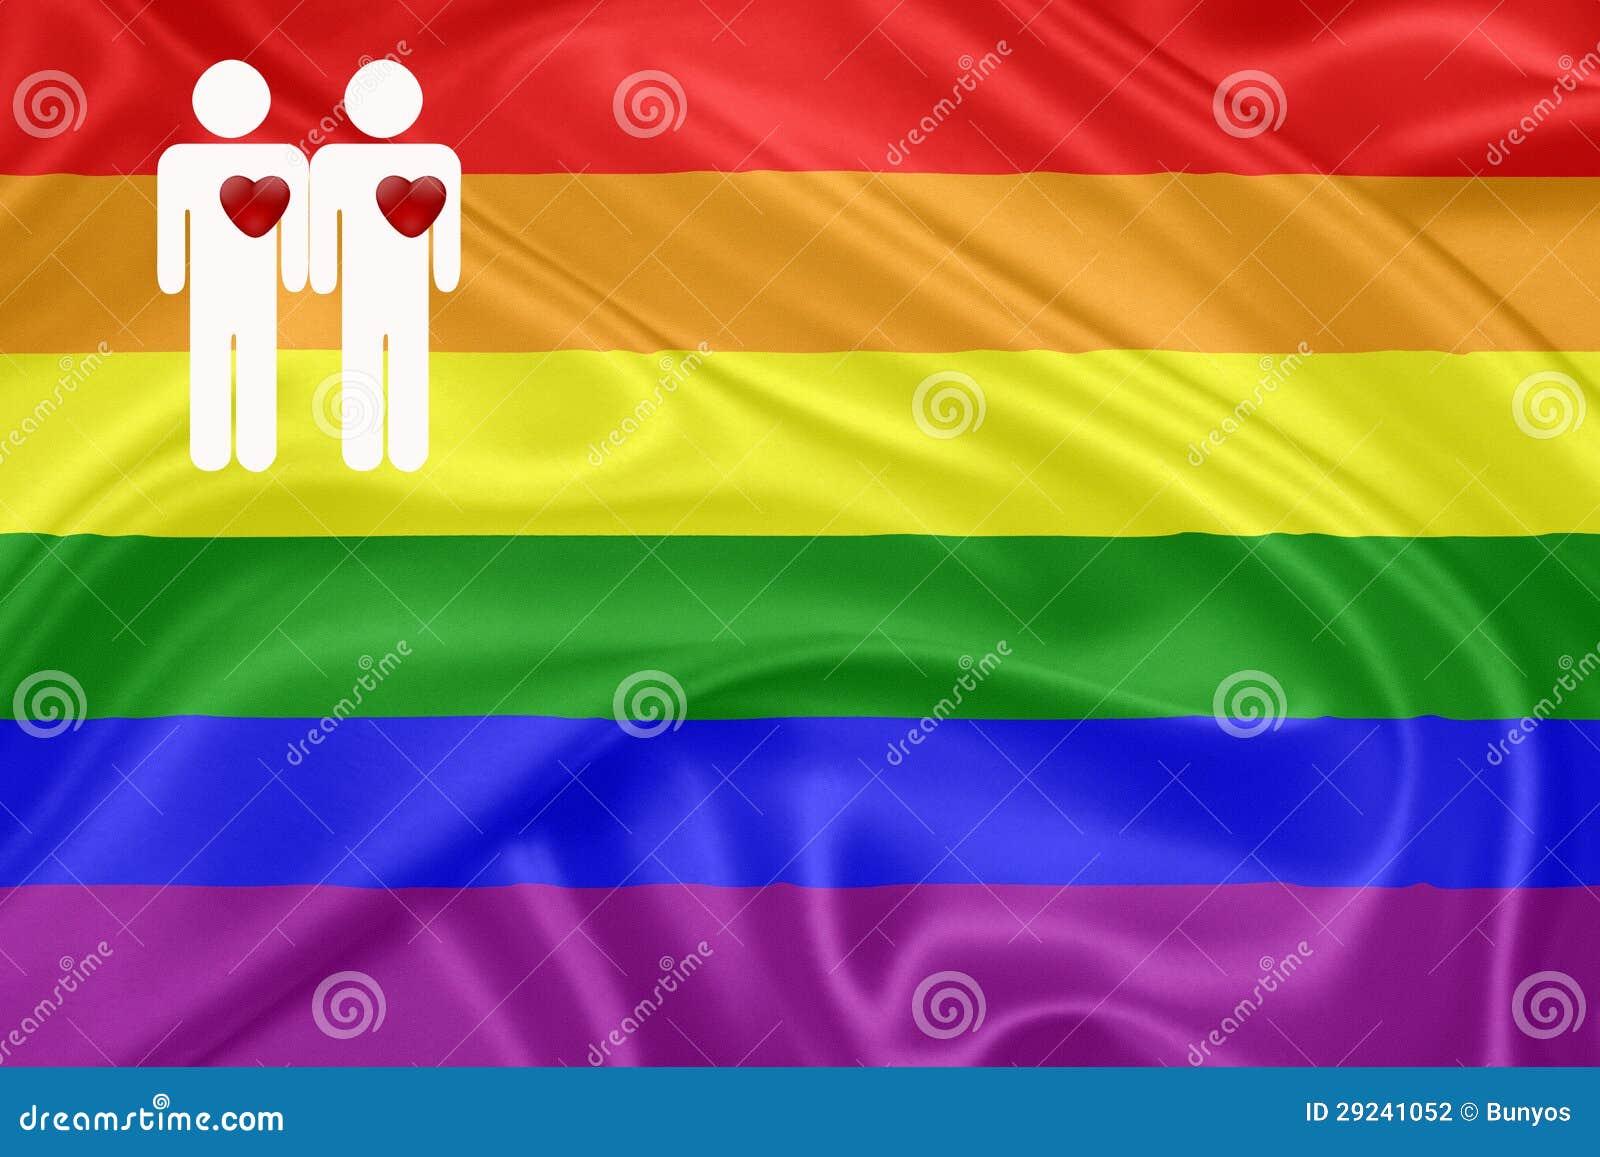 Download Bandeira Do Homossexual Do Arco-íris Ilustração Stock - Ilustração de democracia, civil: 29241052